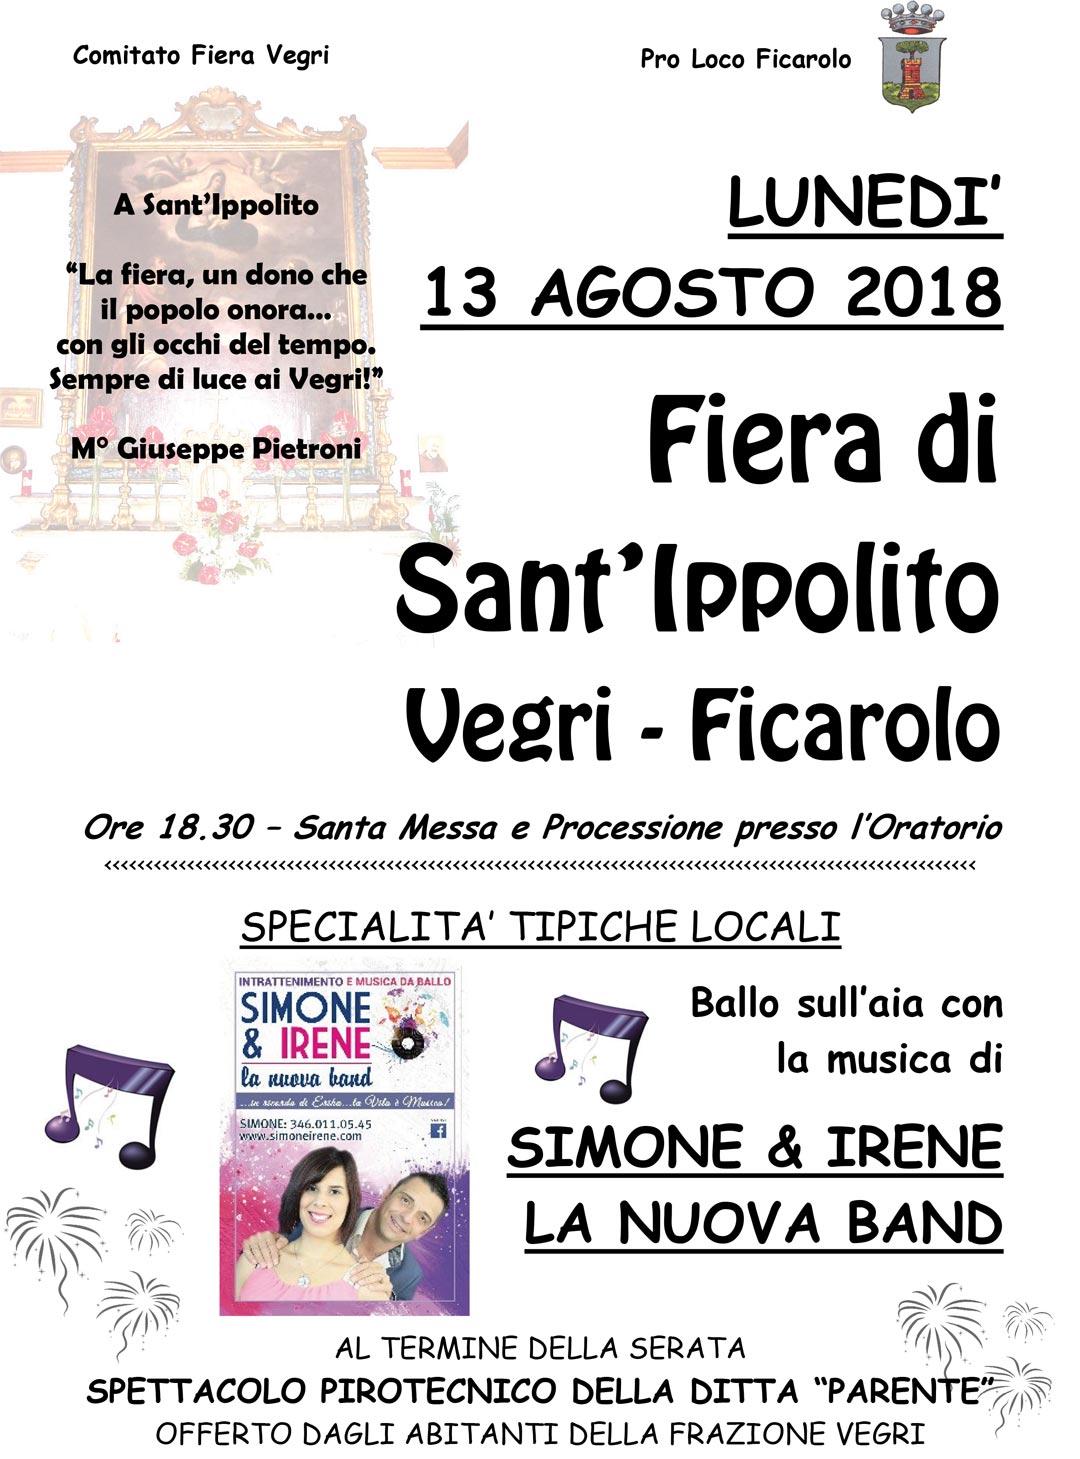 Fiera di Sant'Ippolito 2018 (Vegri)